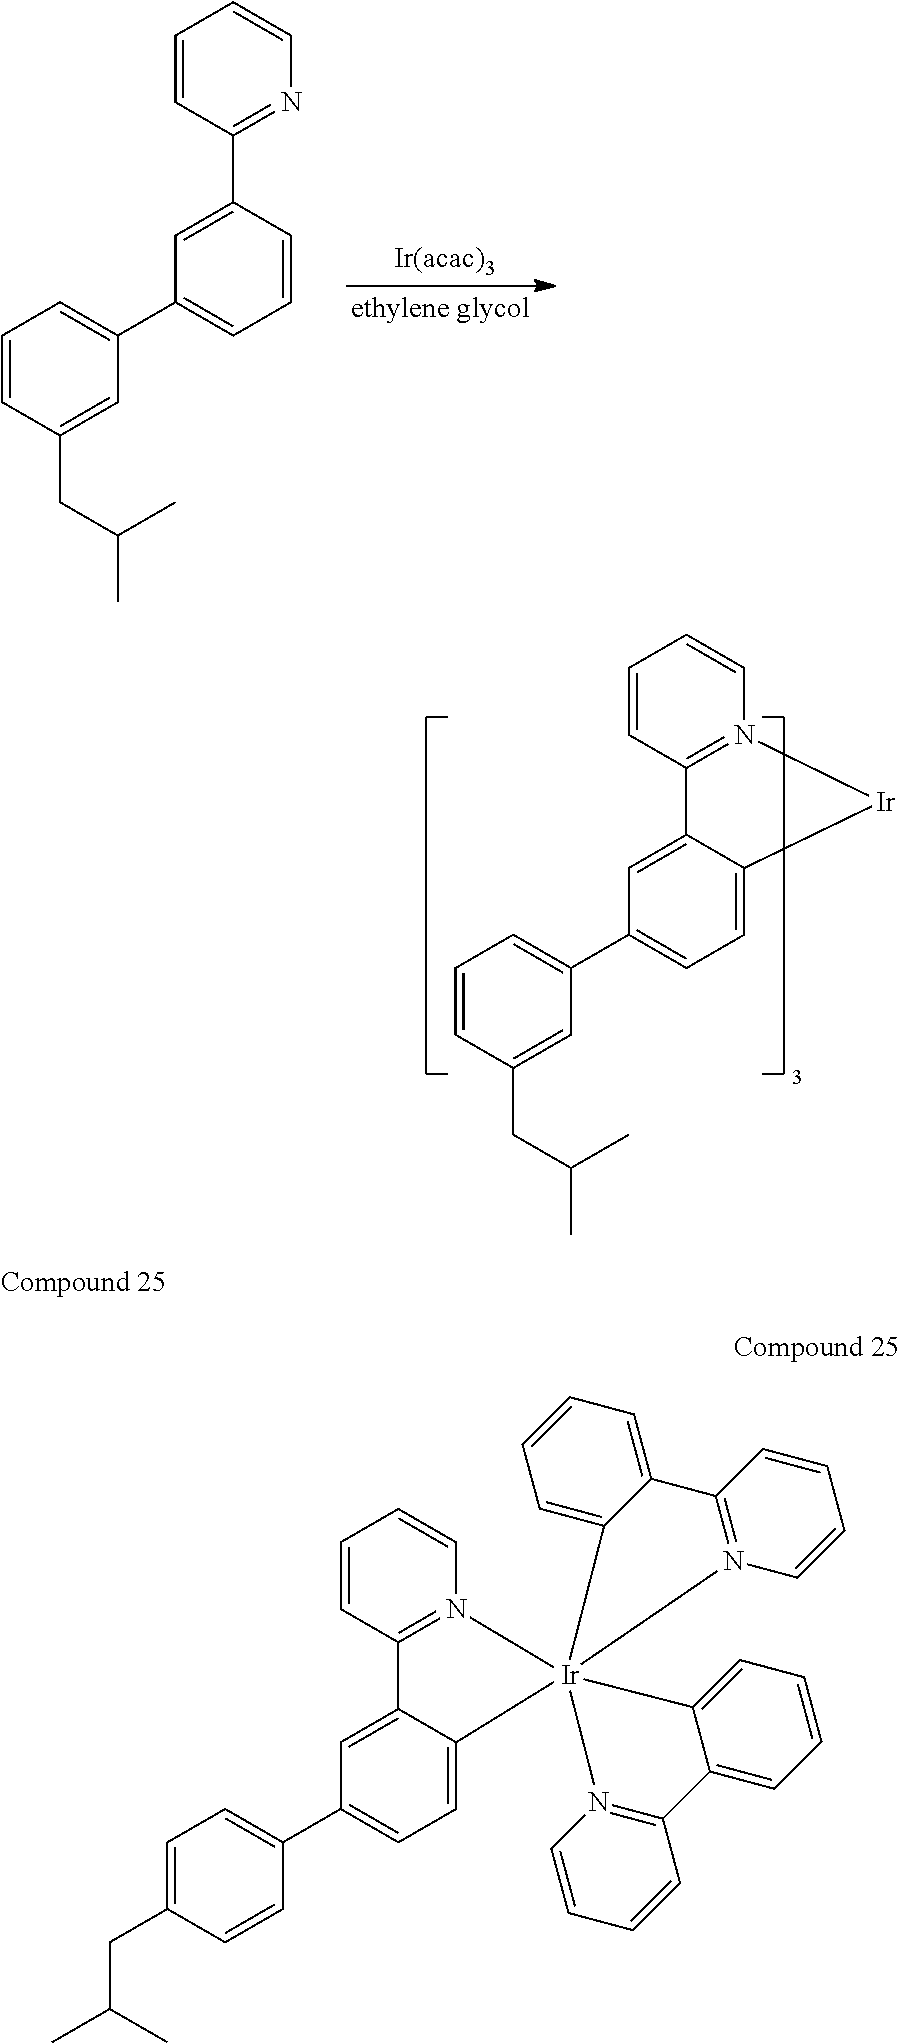 Figure US09899612-20180220-C00131